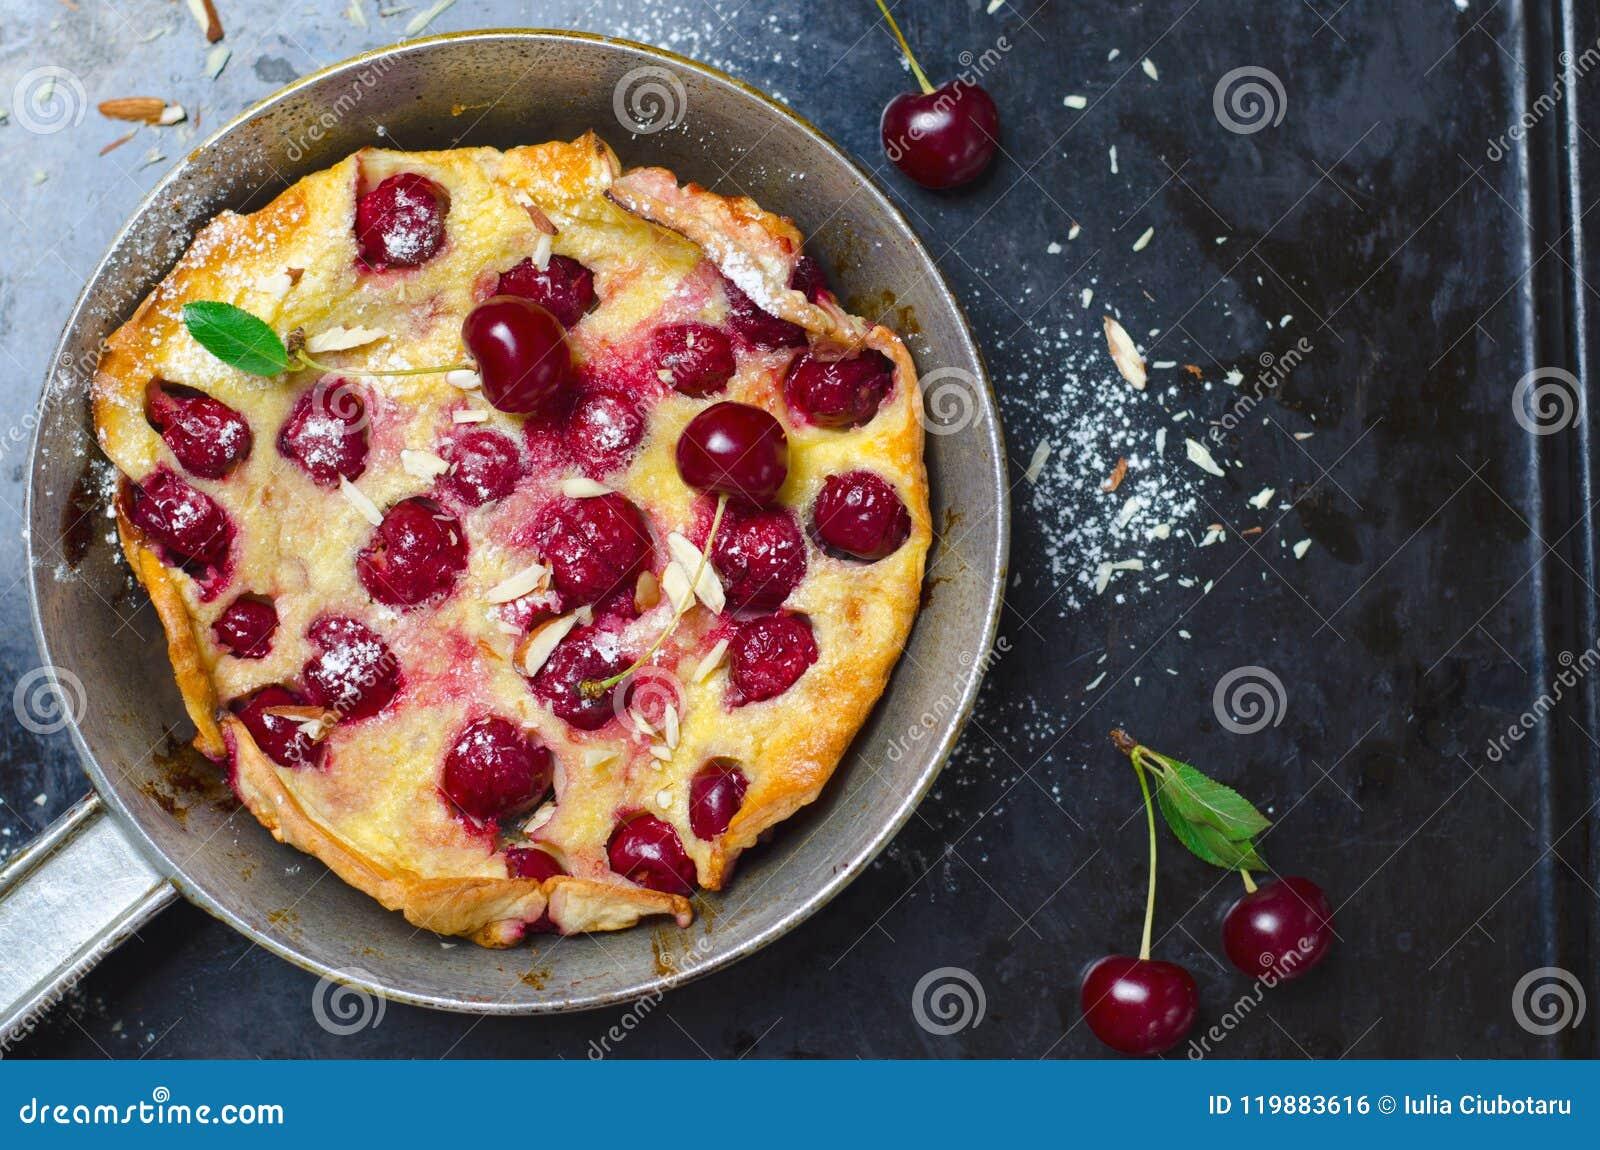 Cherry Dutch Baby tysk pannkaka för Puff på tappningpannor och mörk bakgrund, hemlagad sommarefterrätt